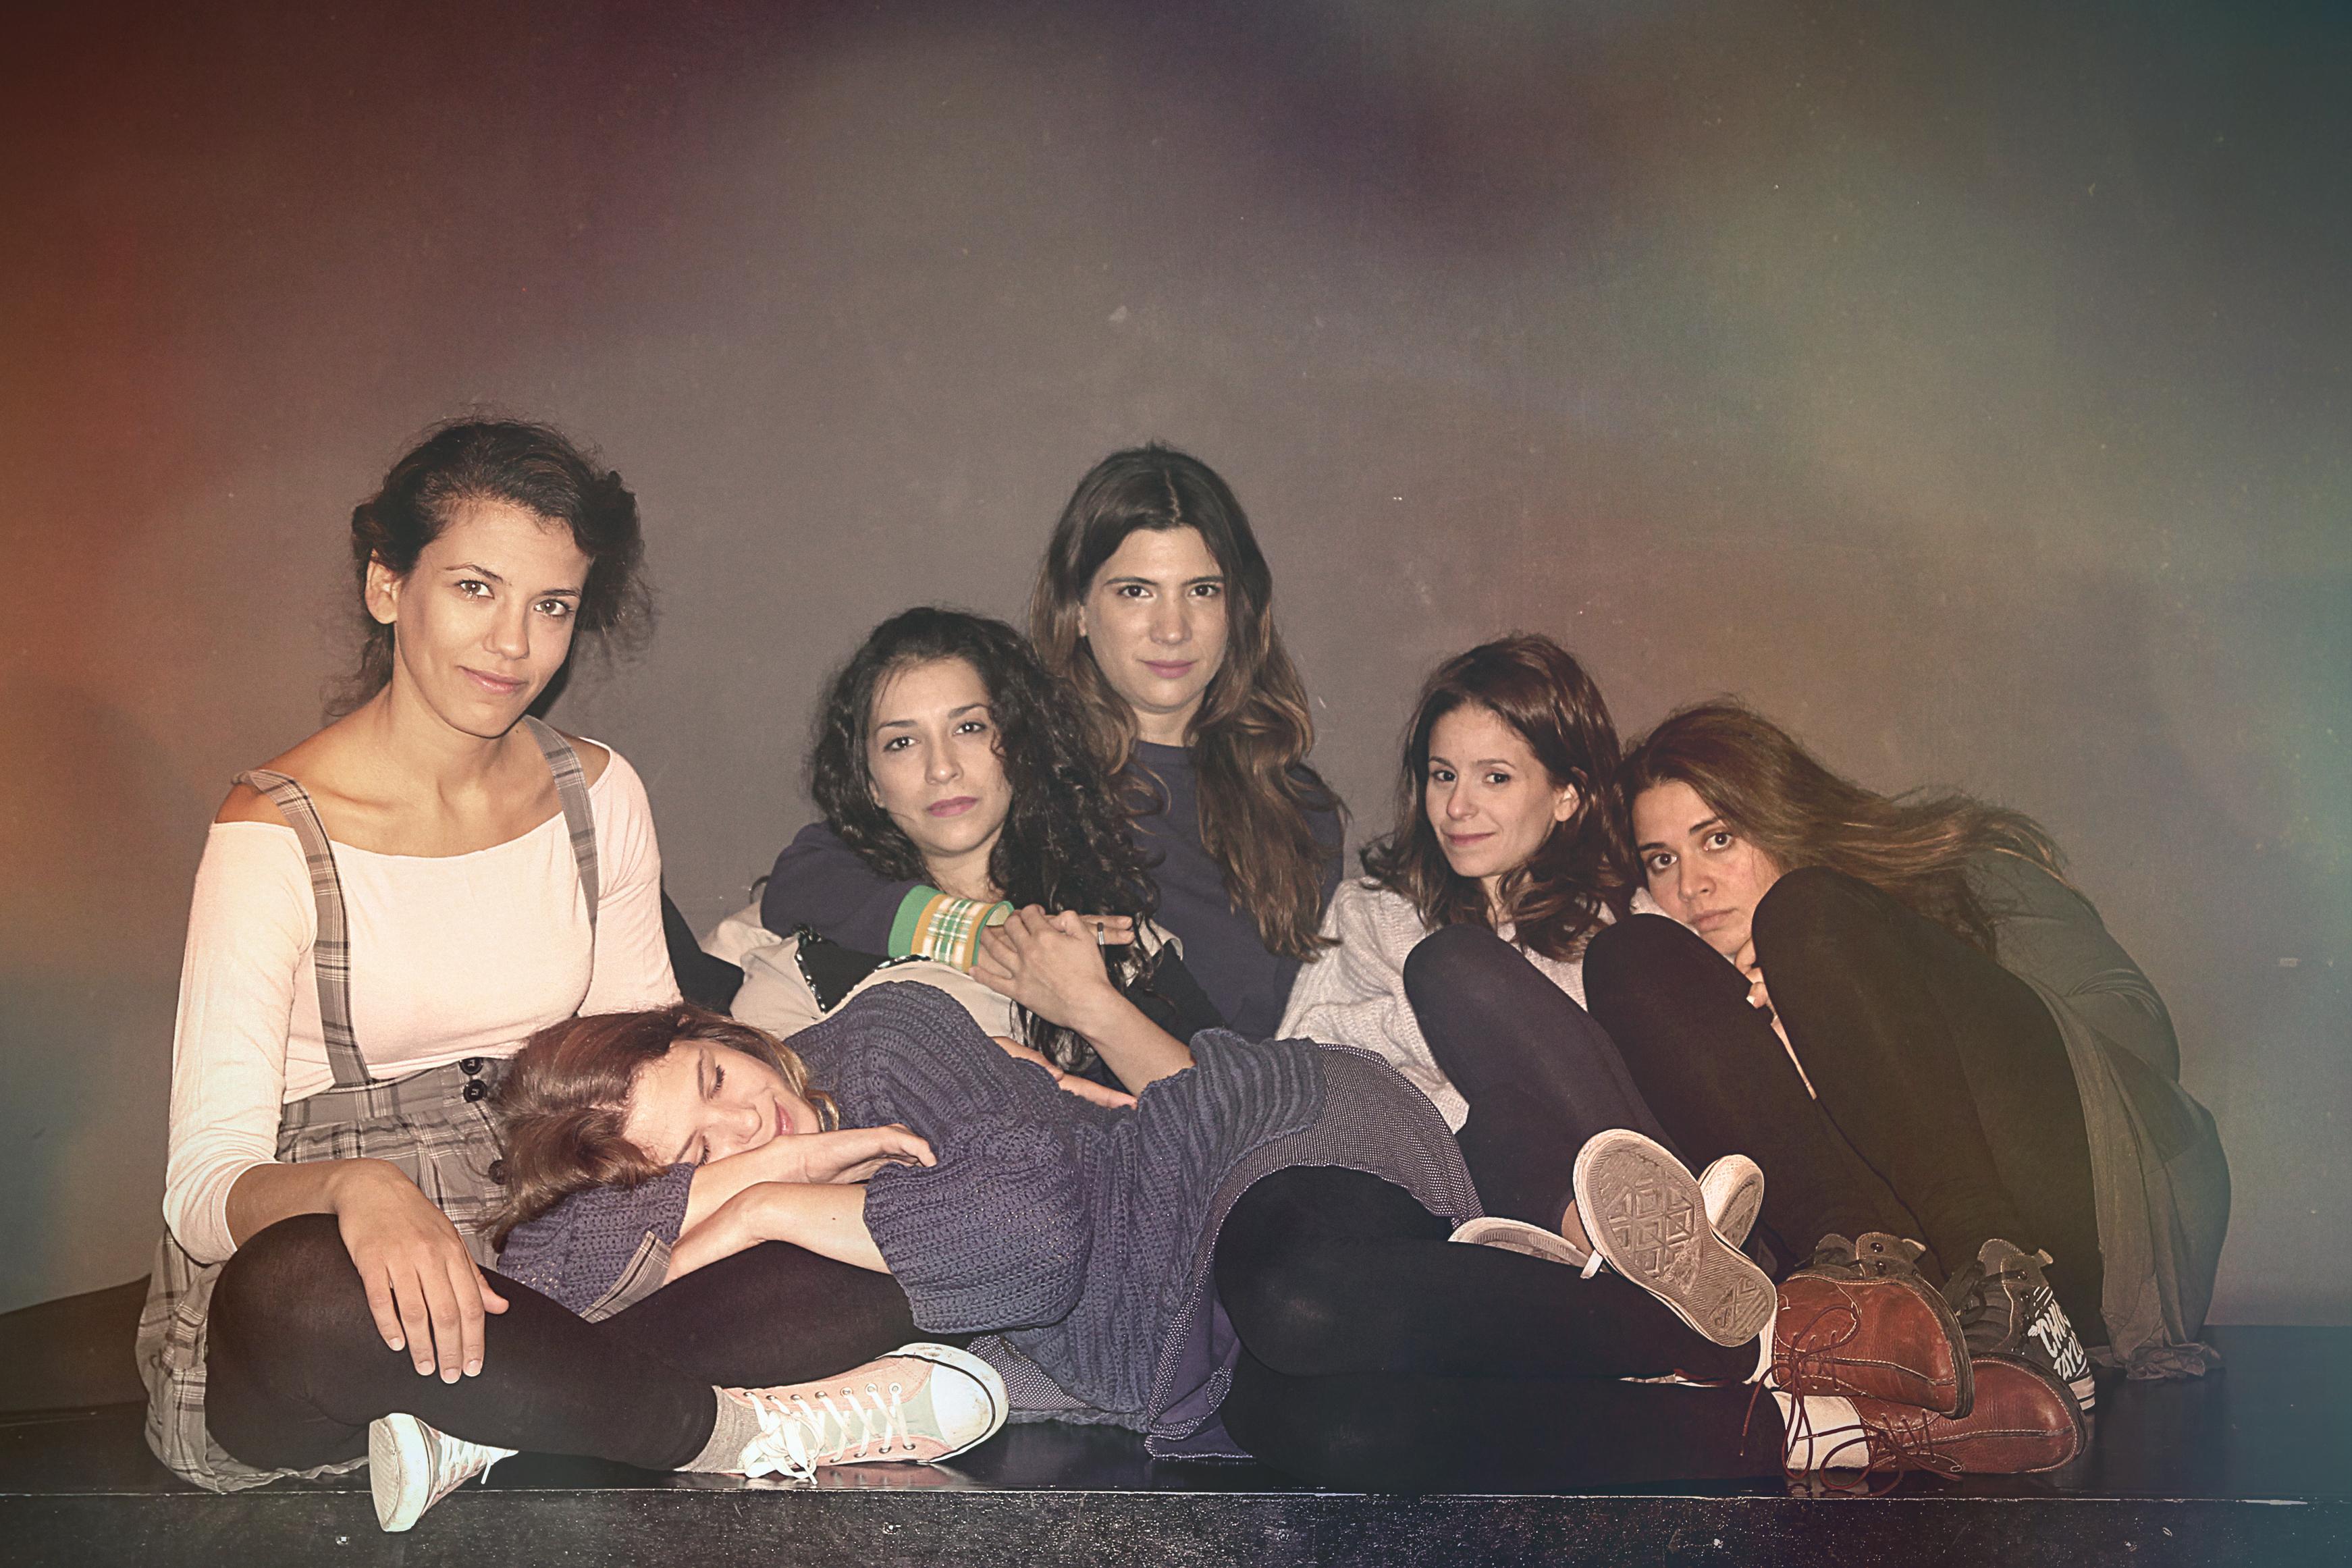 Κορίτσια σαν και αυτά: πρεμιέρα απόψε στο θέατρο Μικρό Γκλόρια